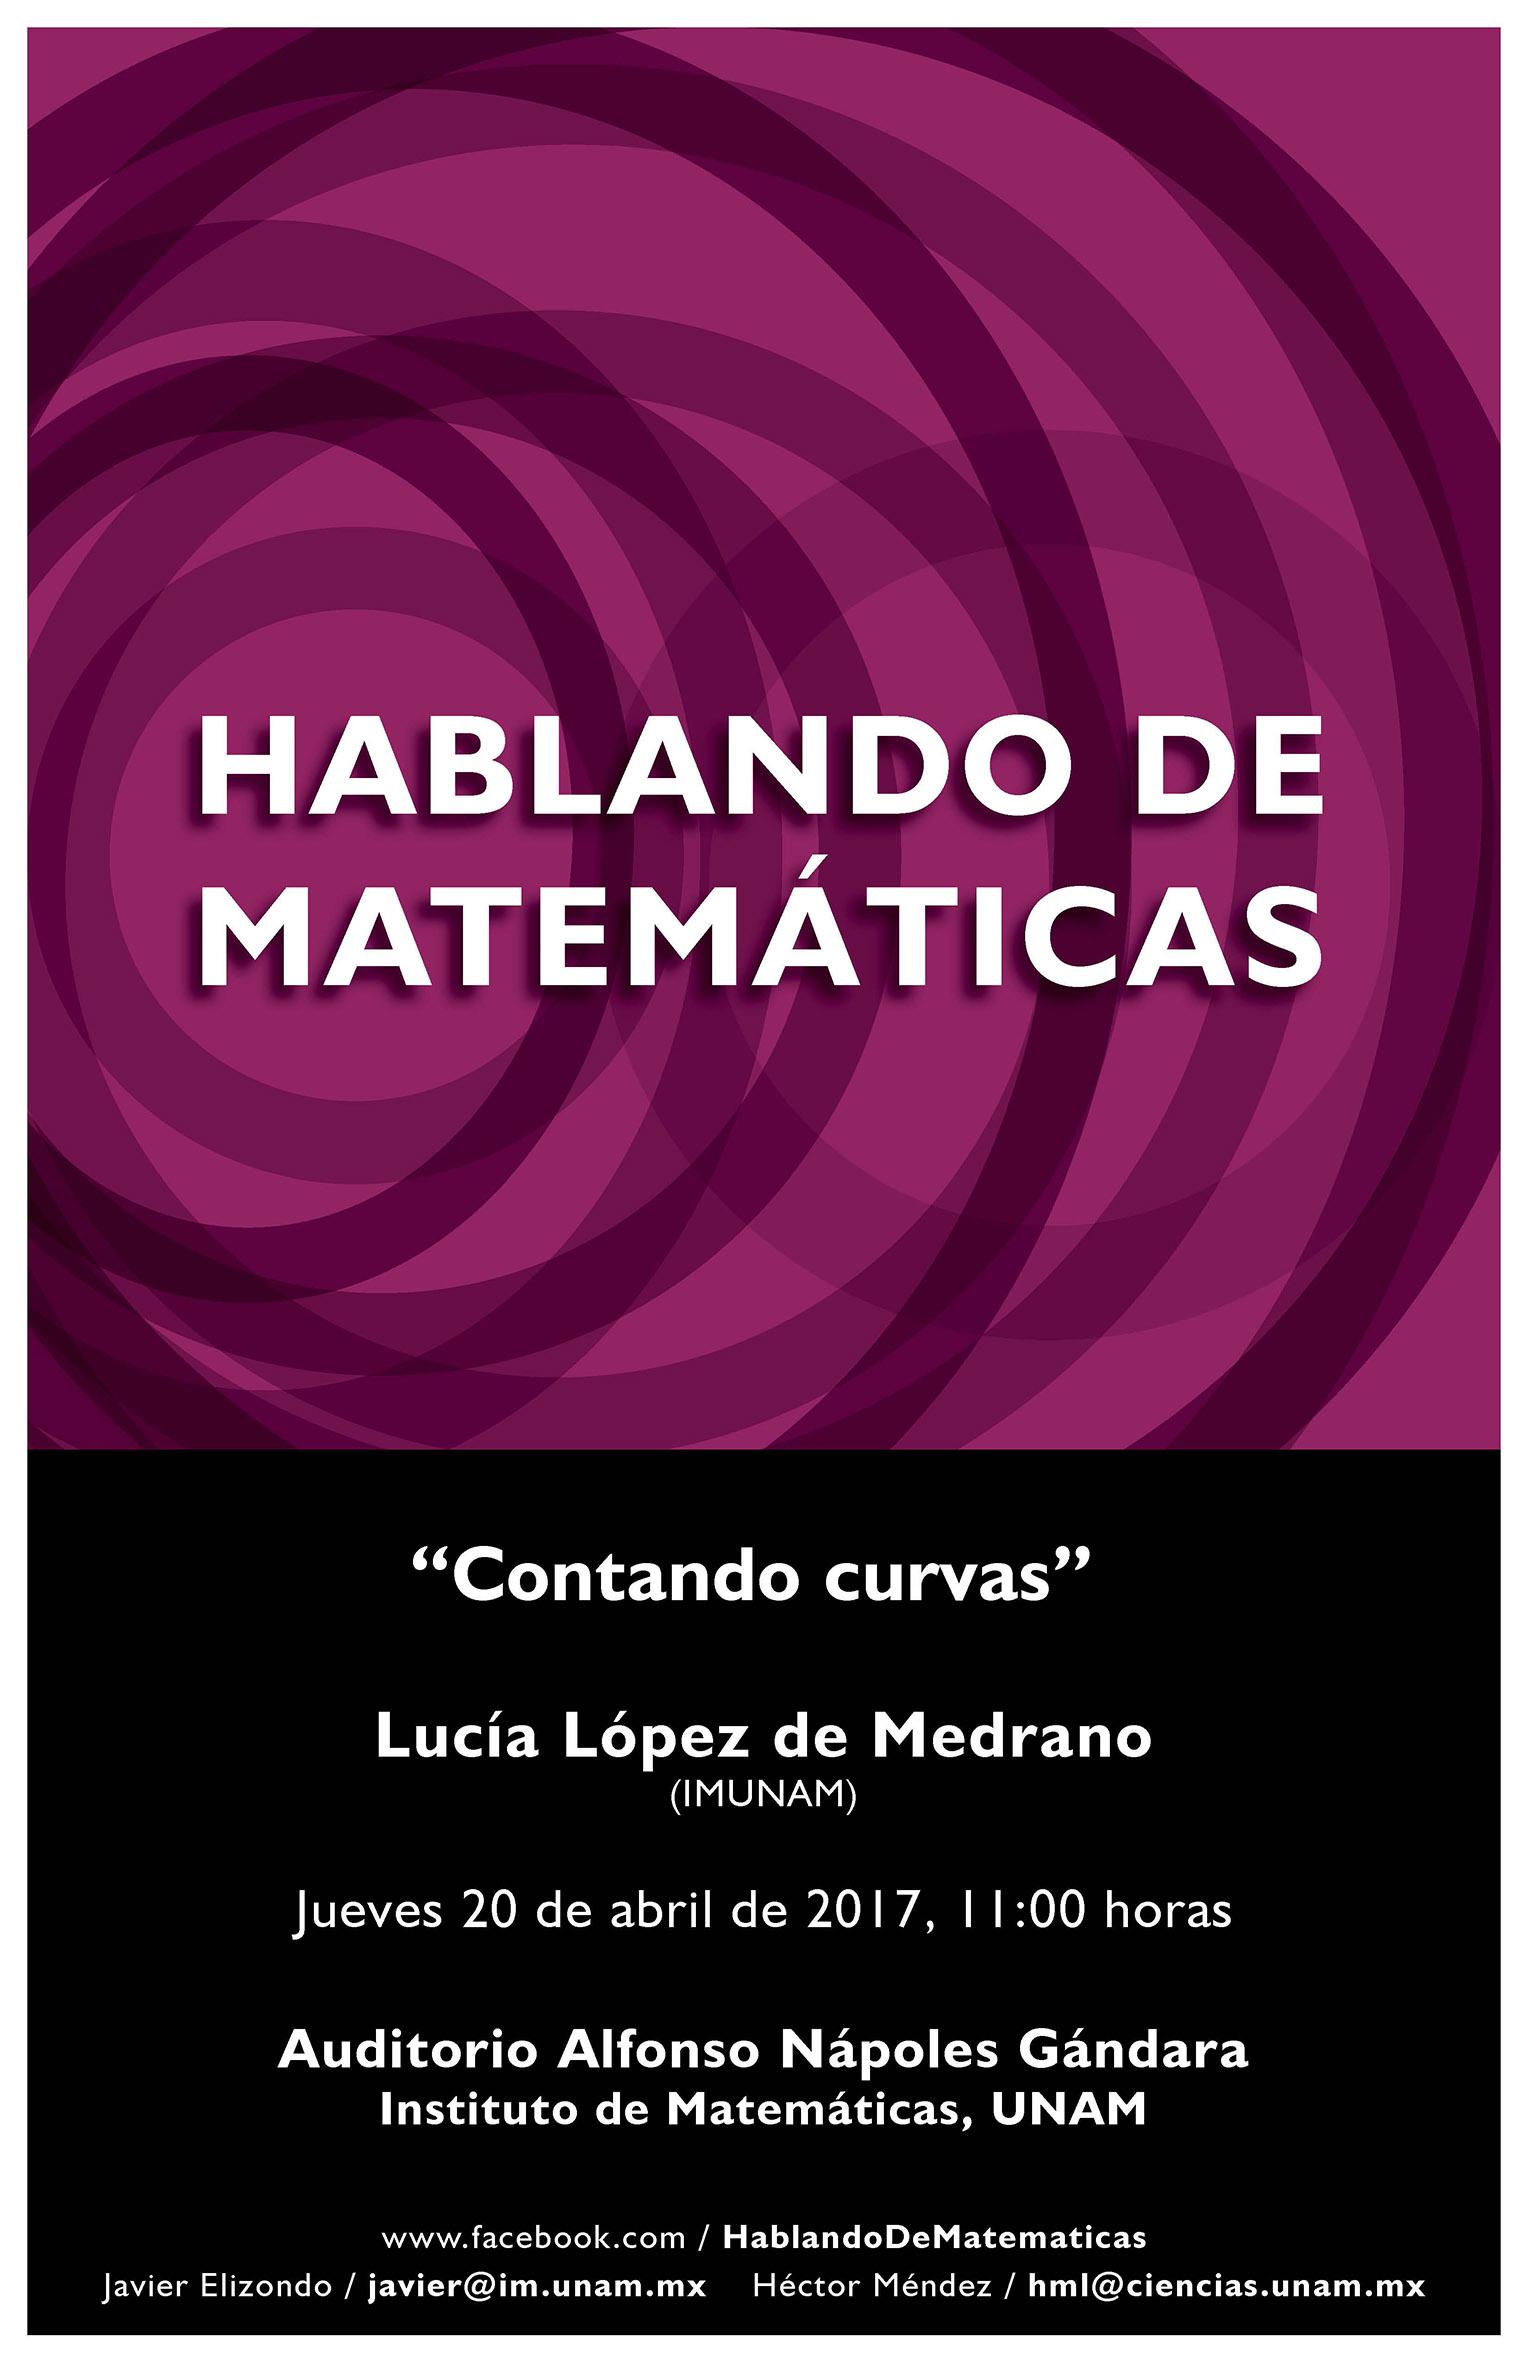 Hablando de Matemáticas: Lucía López de Medrano, IMUNAM